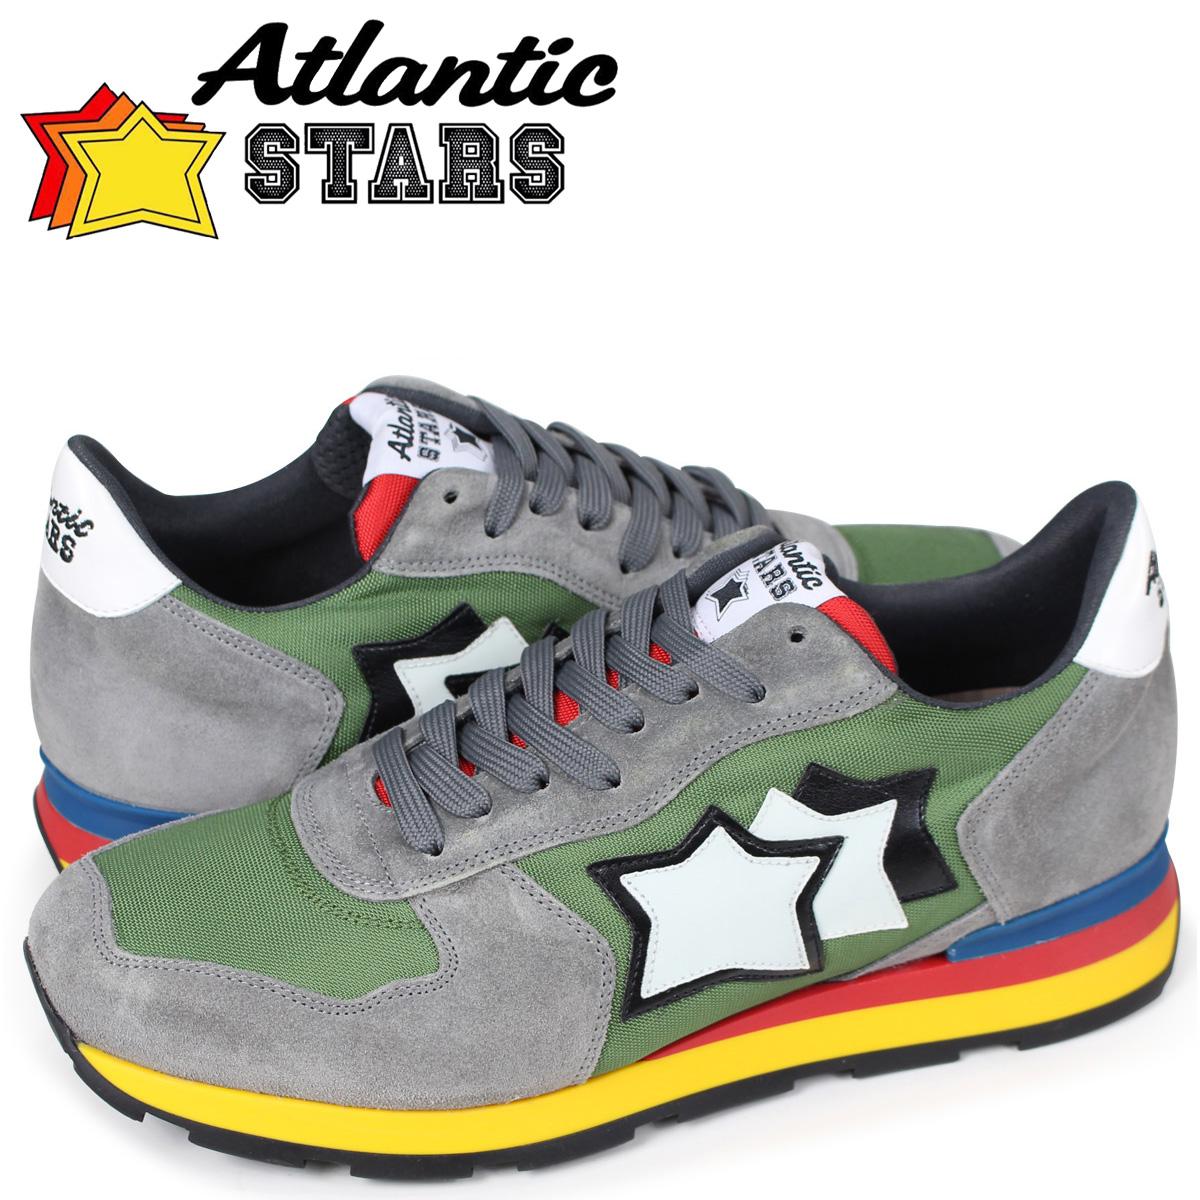 【最大2000円OFFクーポン】 アトランティックスターズ スニーカー メンズ Atlantic STARS アンタレス ANTARES CI-89A カーキ